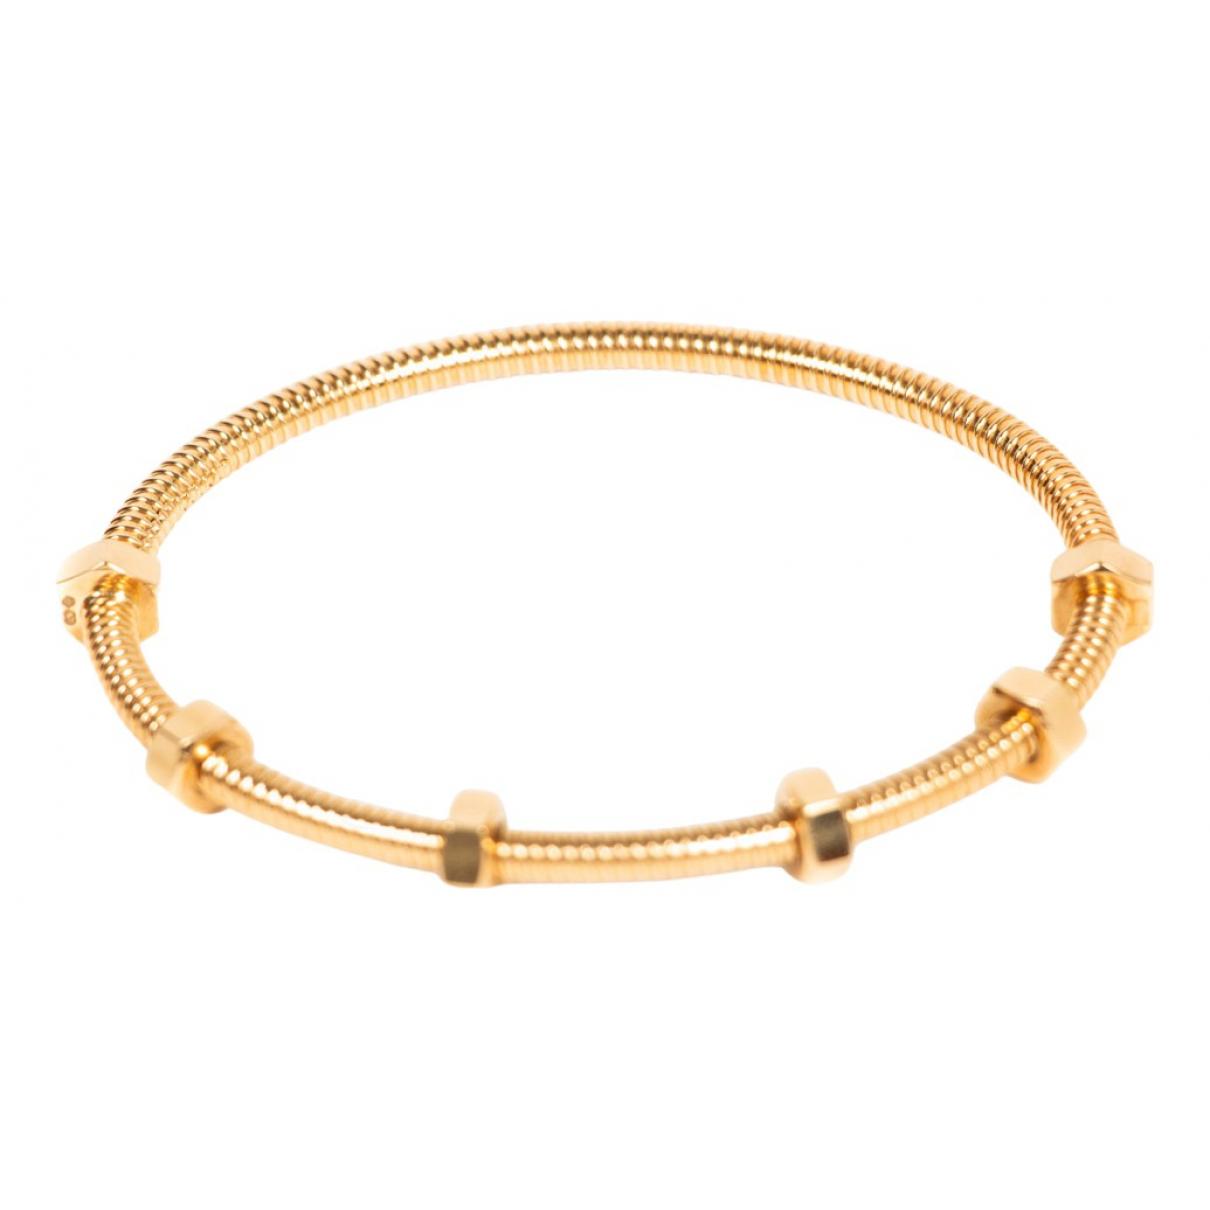 Cartier - Bracelet Ecrou pour femme en or jaune - dore